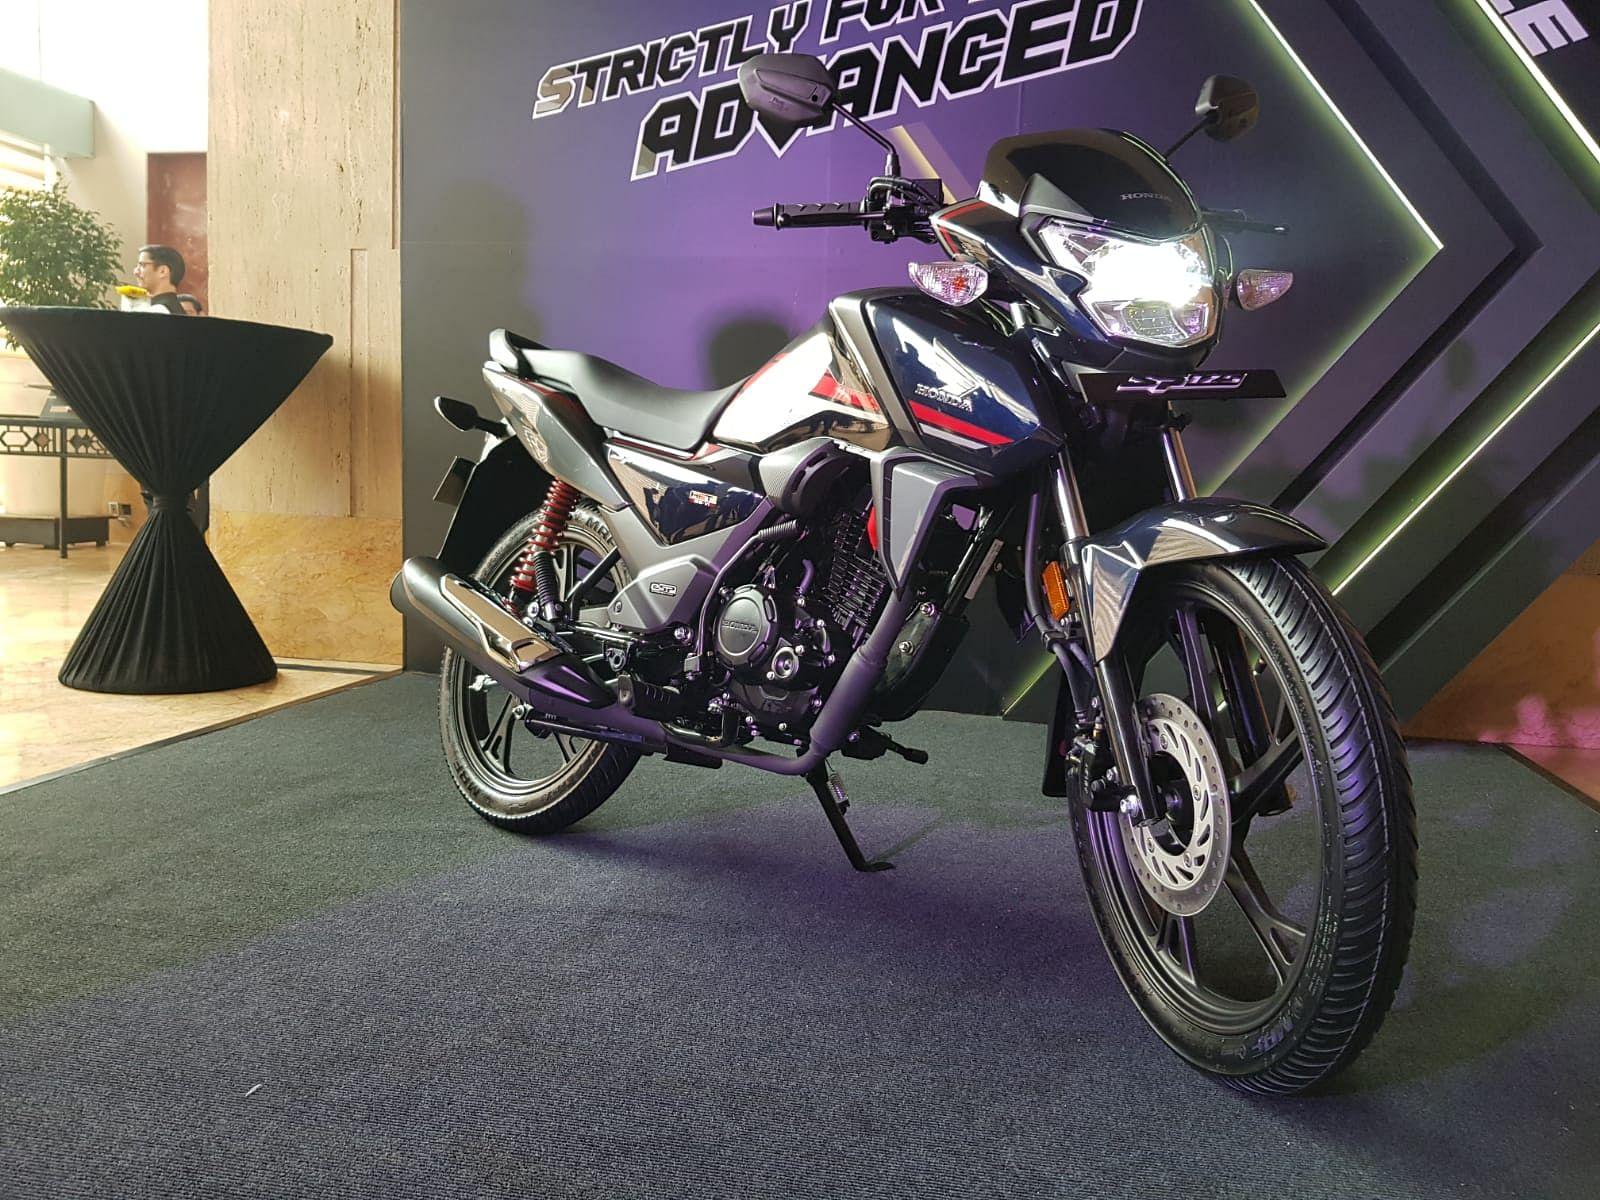 Honda livo price in bd 2020